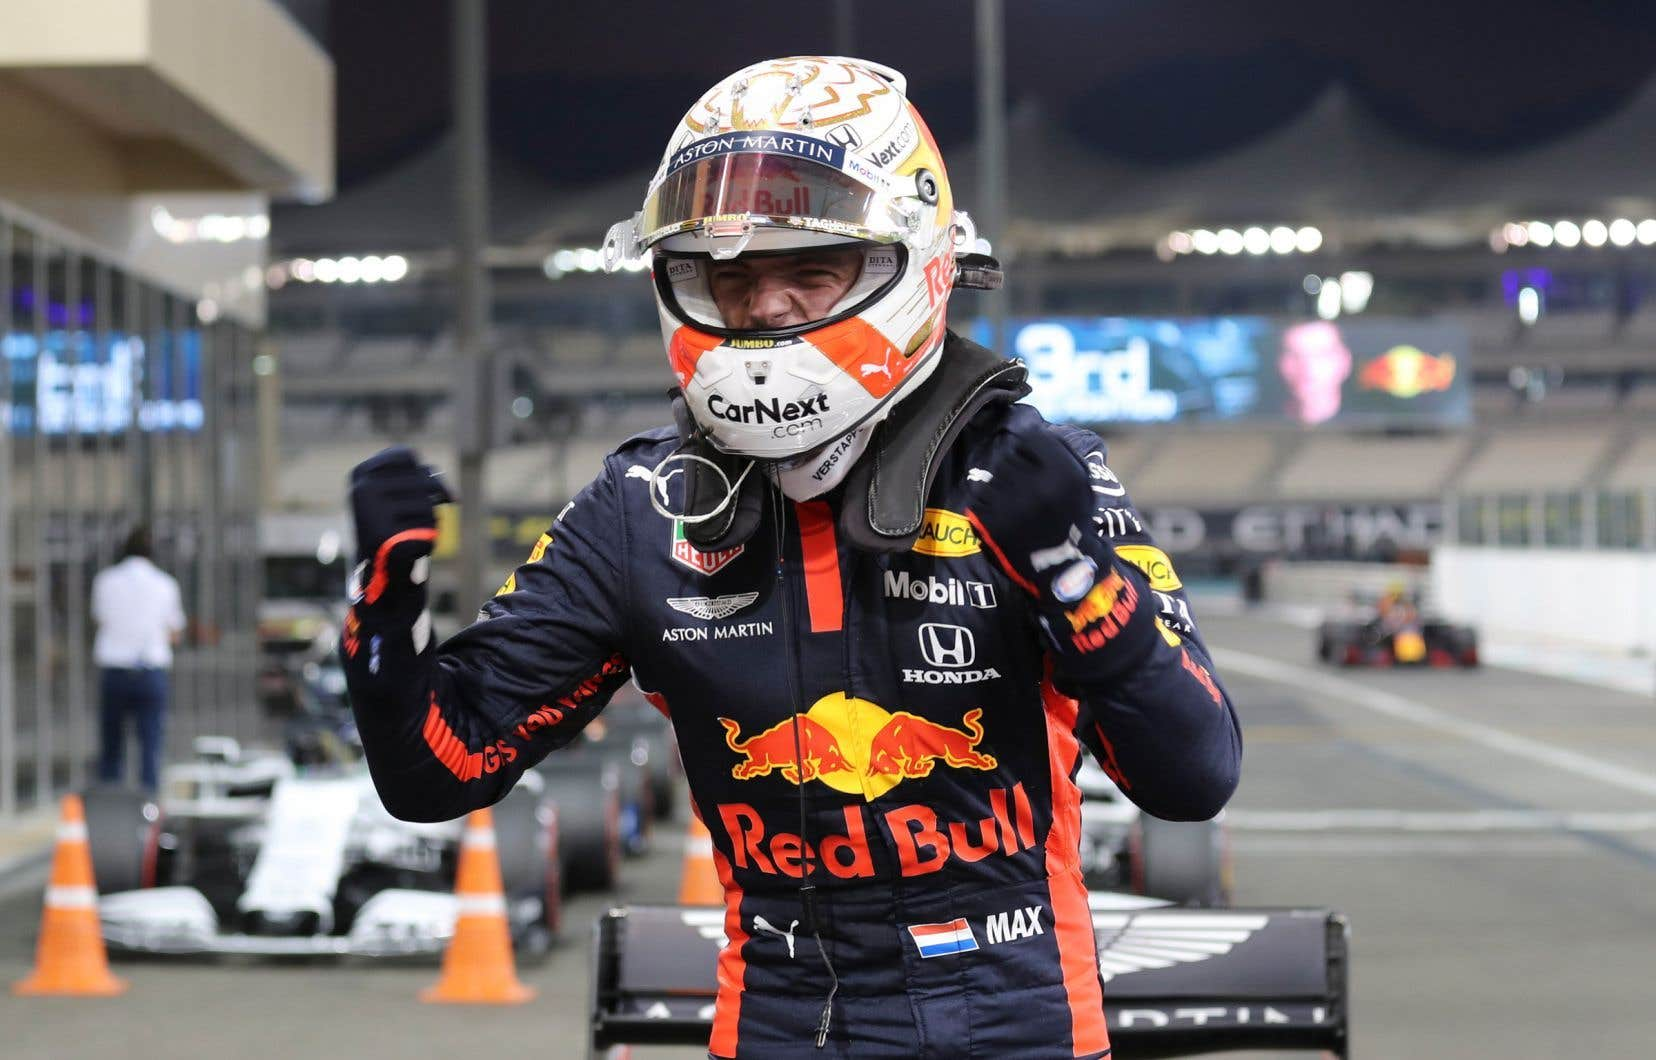 Le pilote Red Bull, Max Verstappen